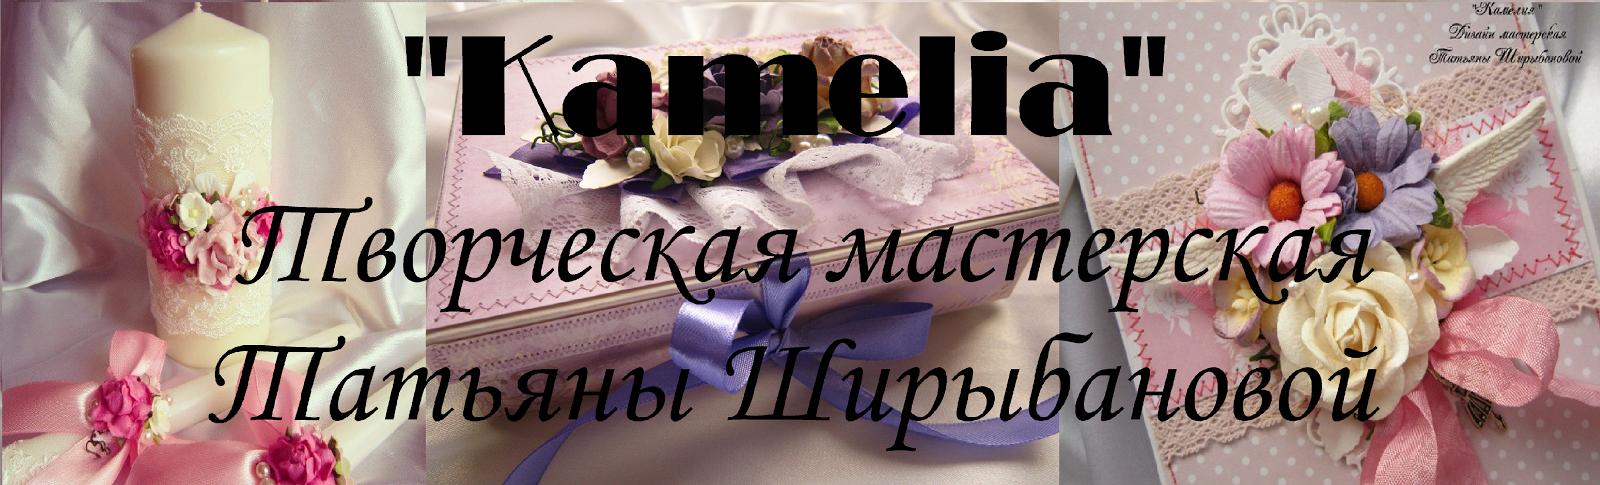 """""""Kamelia"""" Дизайн мастерская Татьяны Ширыбановой"""